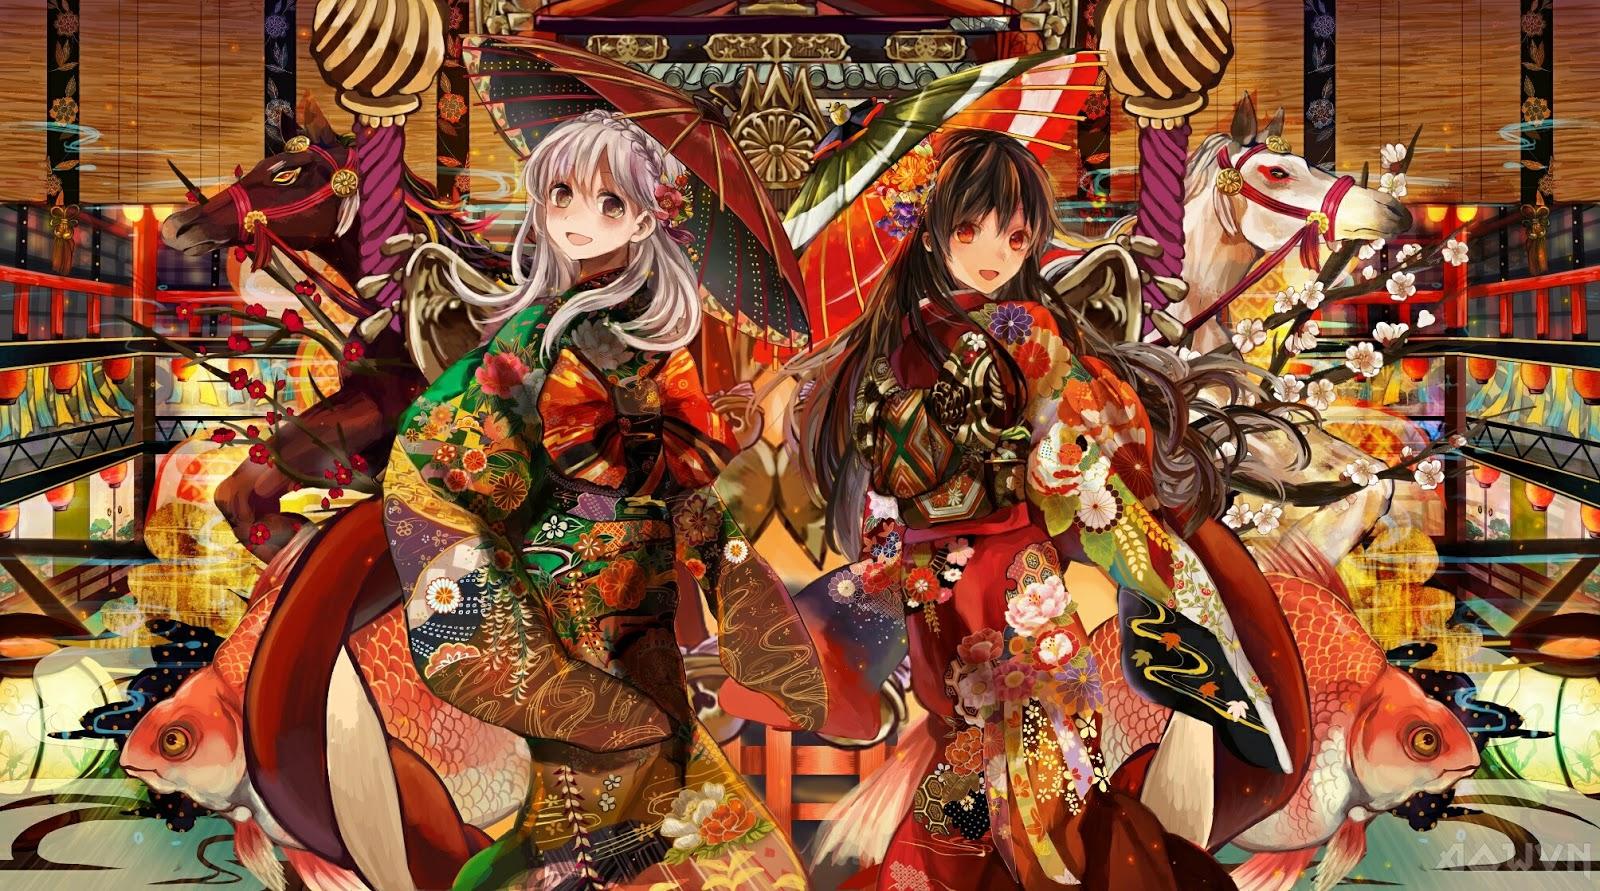 87 AowVN.org m - [ Hình Nền ] Anime cho điện thoại cực đẹp , cực độc | Wallpaper